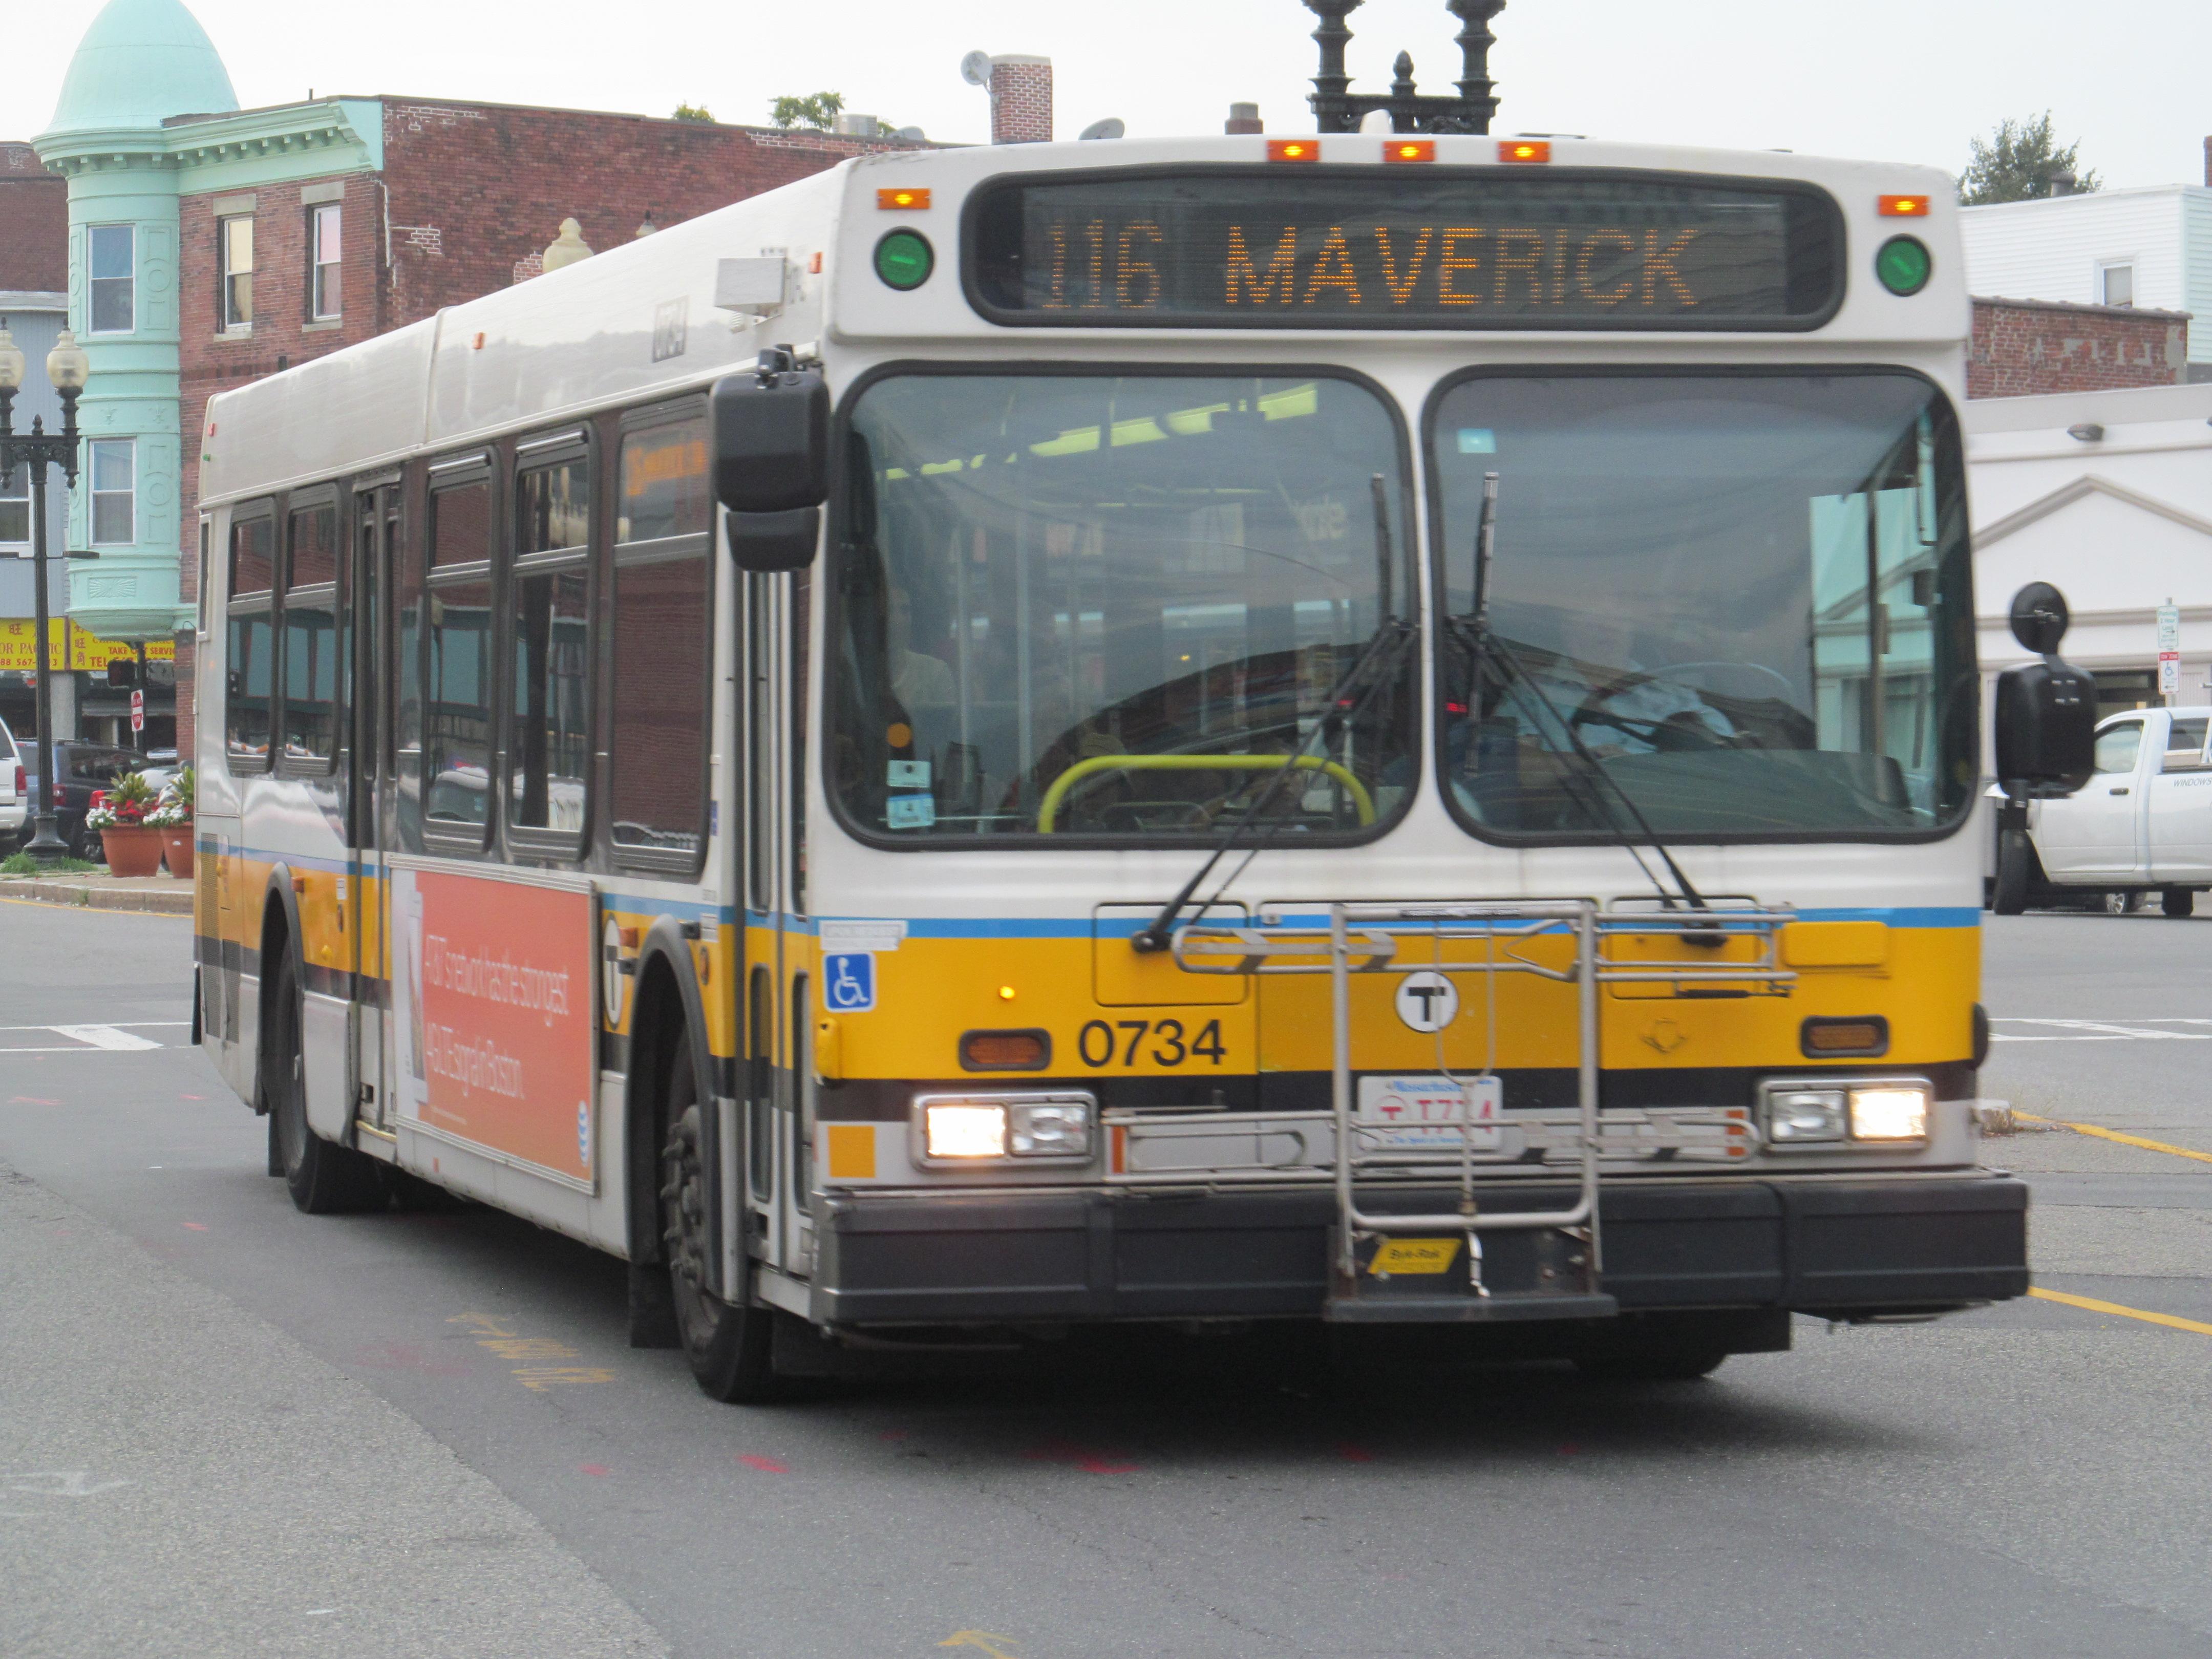 file:mbta route 116 bus on meridian street, august 2015